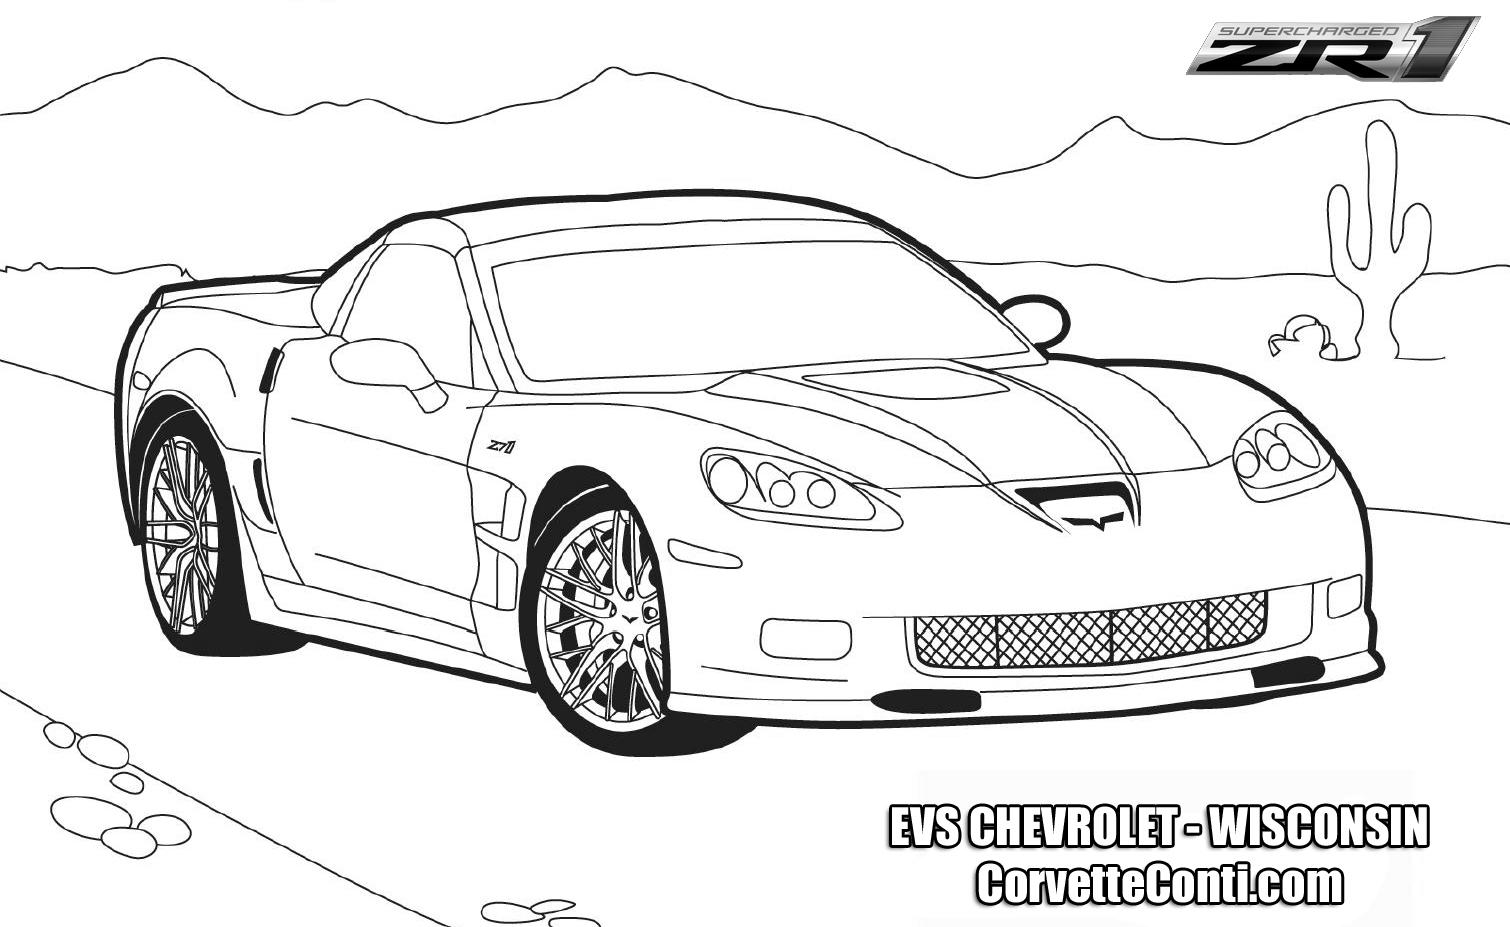 Zr1 Corvette Car Coloring Pages Race Car Coloring Pages Free